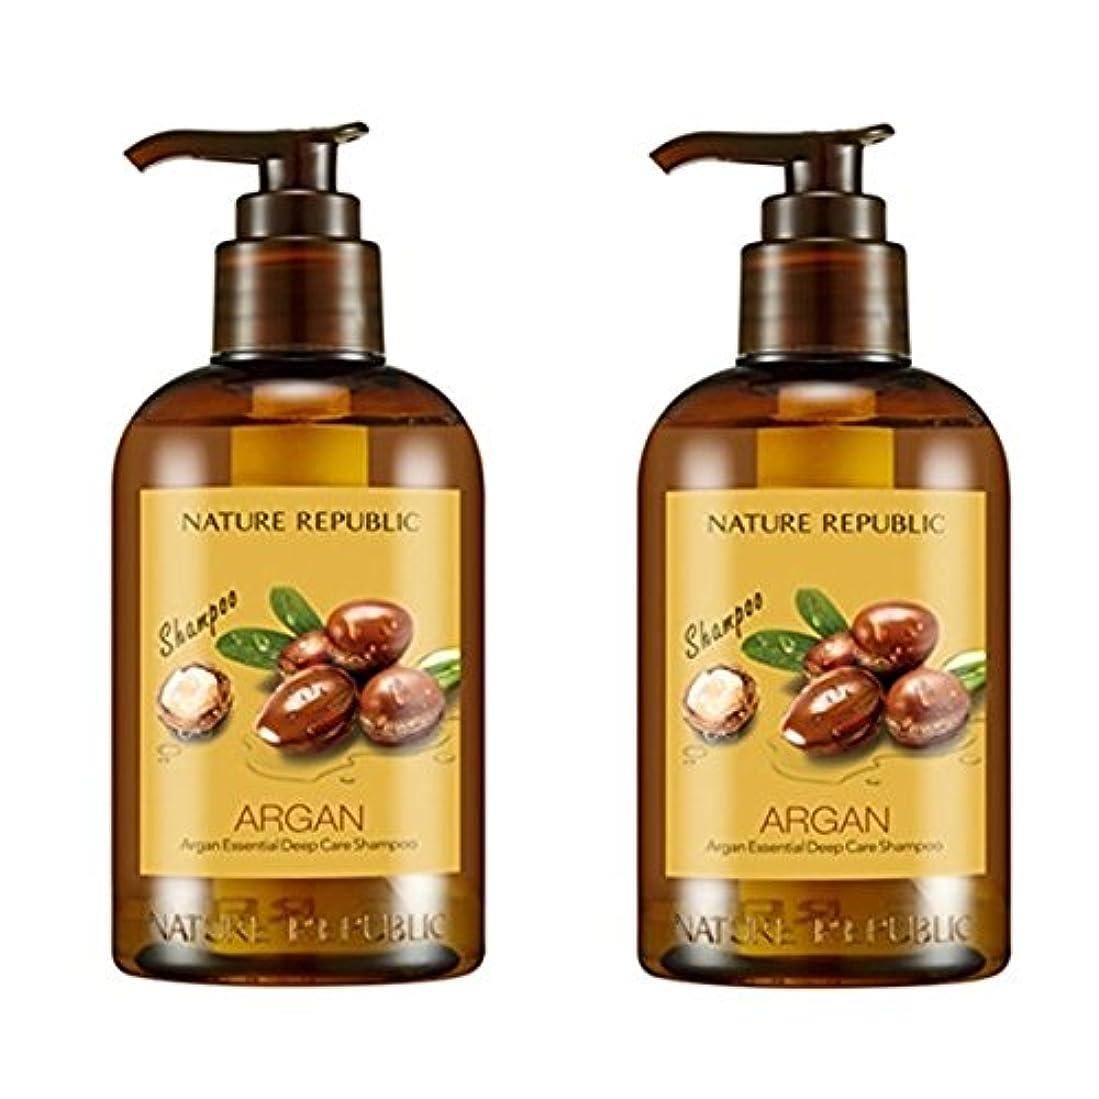 探偵無力興奮するネイチャーリパブリック(NATURE REPUBLIC) アルガン エッセンシャル ディープ ケア シャンプー x 2本 (Argan Essential Deep Care Shampoo x2pcs Set) [並行輸入品]